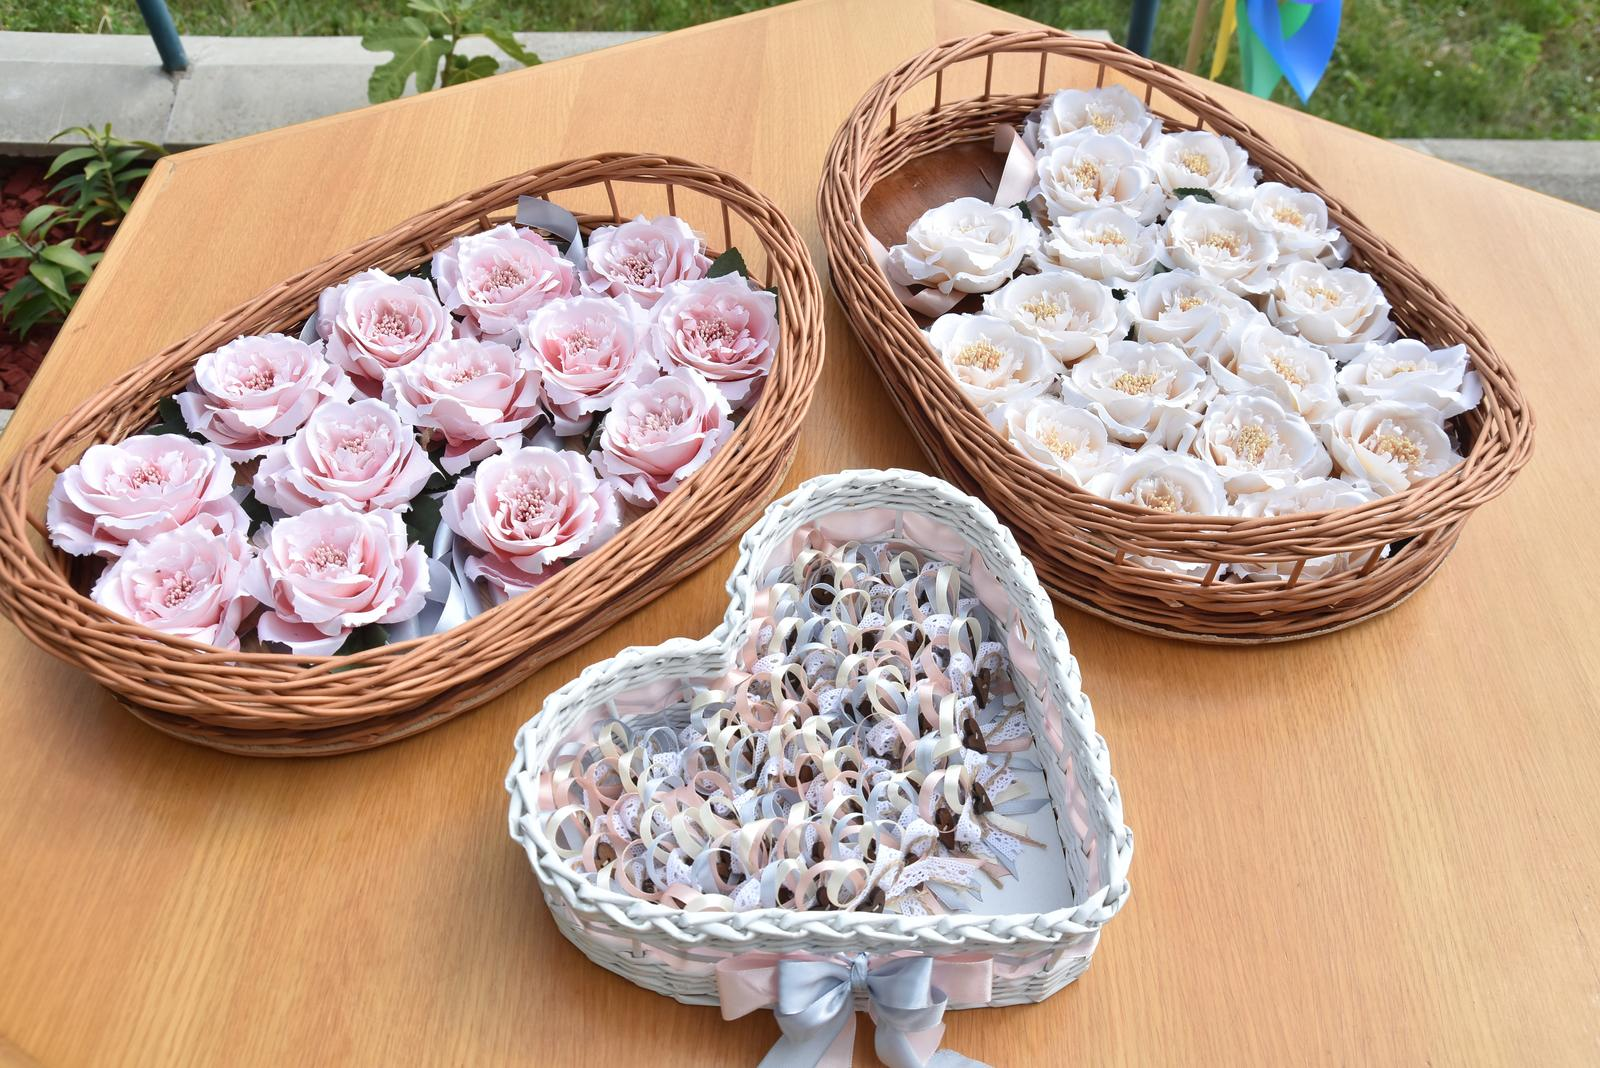 ♥ Baška{{_AND_}}Peťo ♥ - Ružové ružičky pre vydaté žienky, biele pre slobodné a pierka pre fešákov. :)